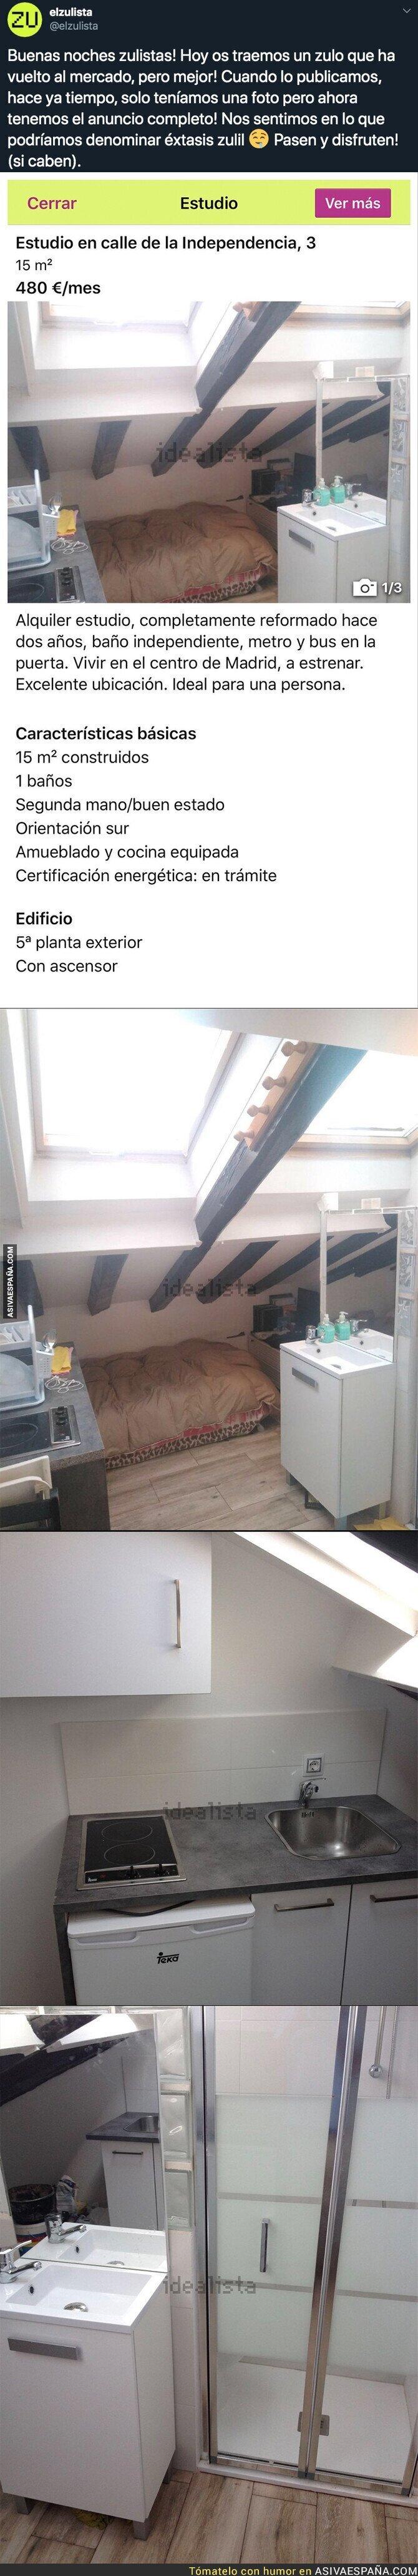 120561 - El denunciable piso céntrico de Madrid de 15m2 con un precio que te explotará la cabeza